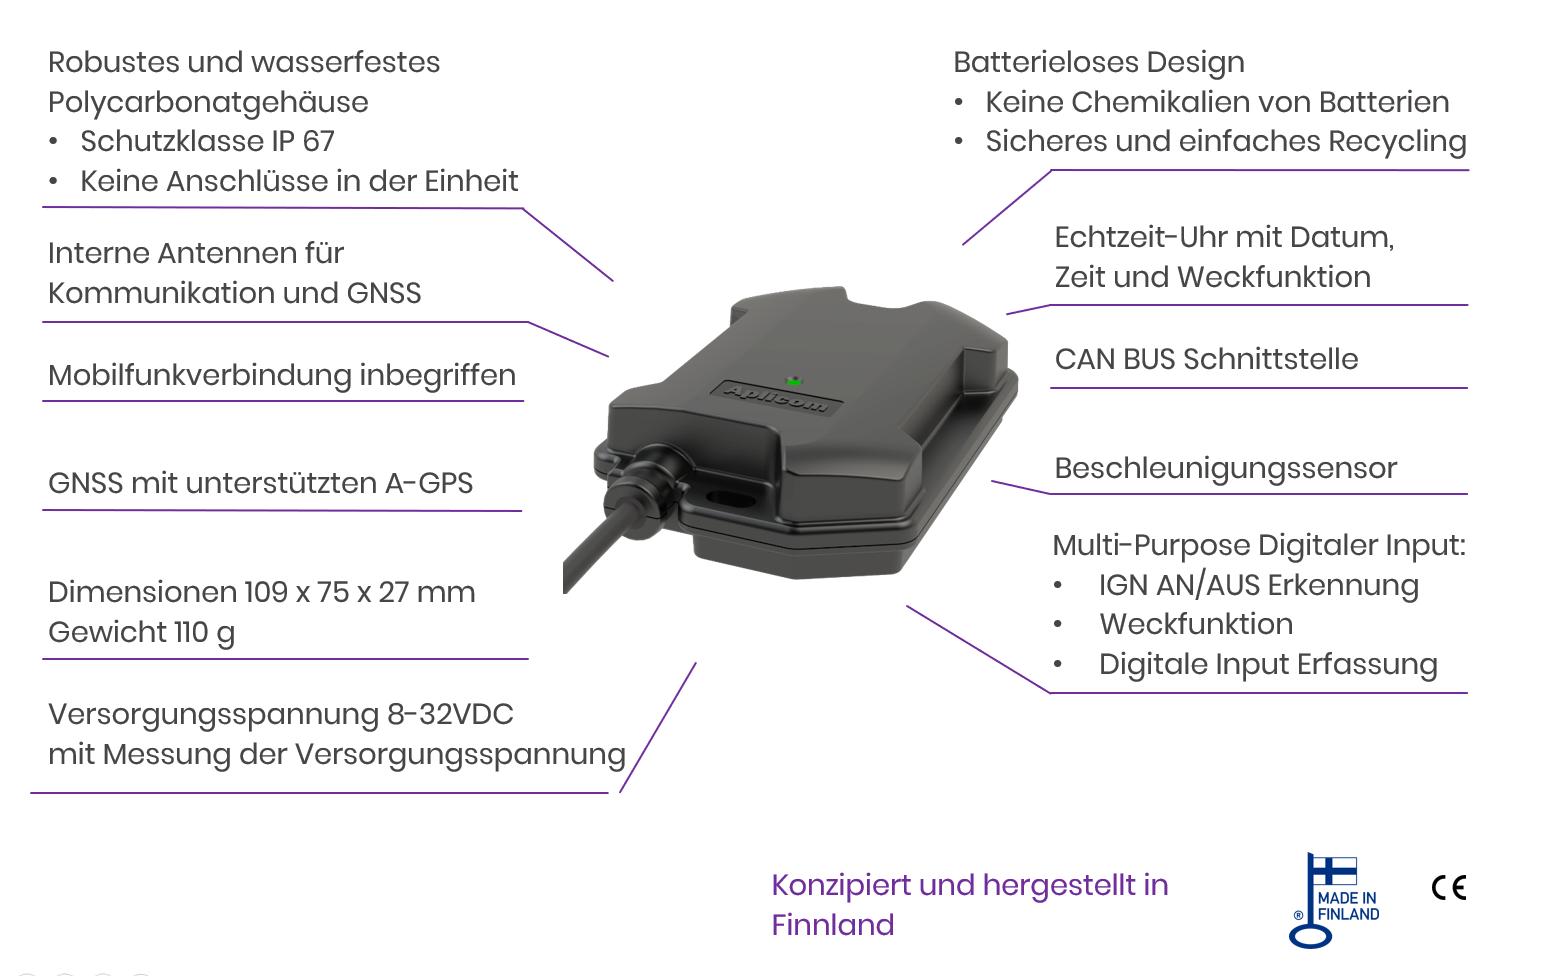 Aplicom T10 telematikgerät mit CAN, technische Daten